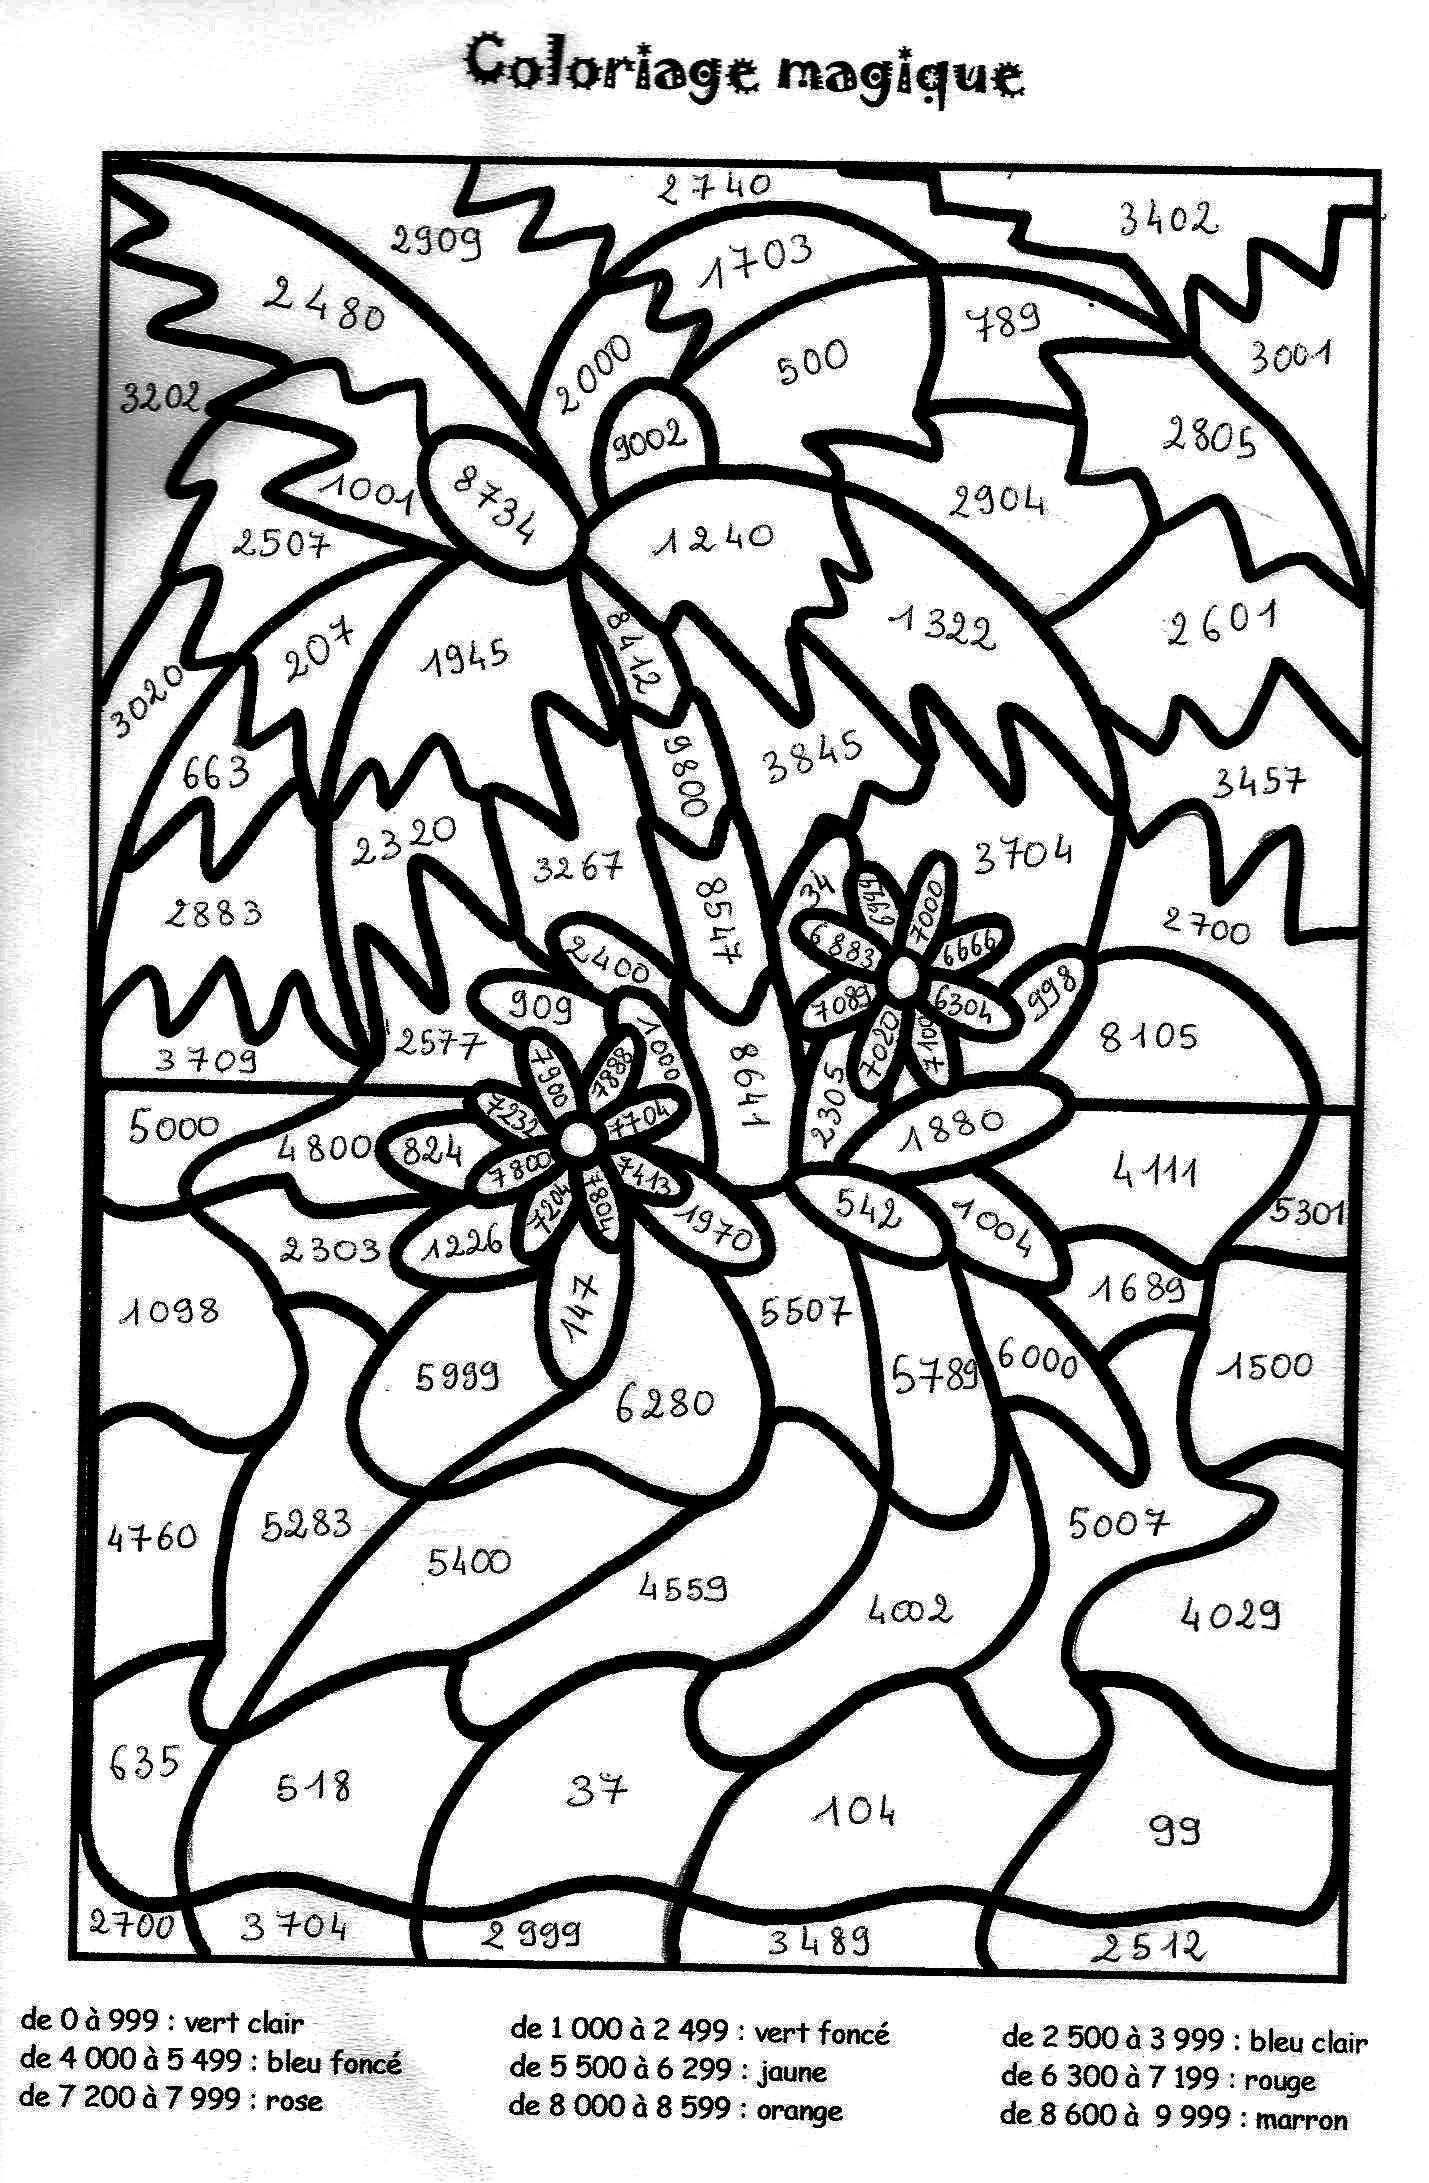 20 dessins de coloriage magique ce2 grammaire imprimer - Coloriage magique grammaire ce2 ...